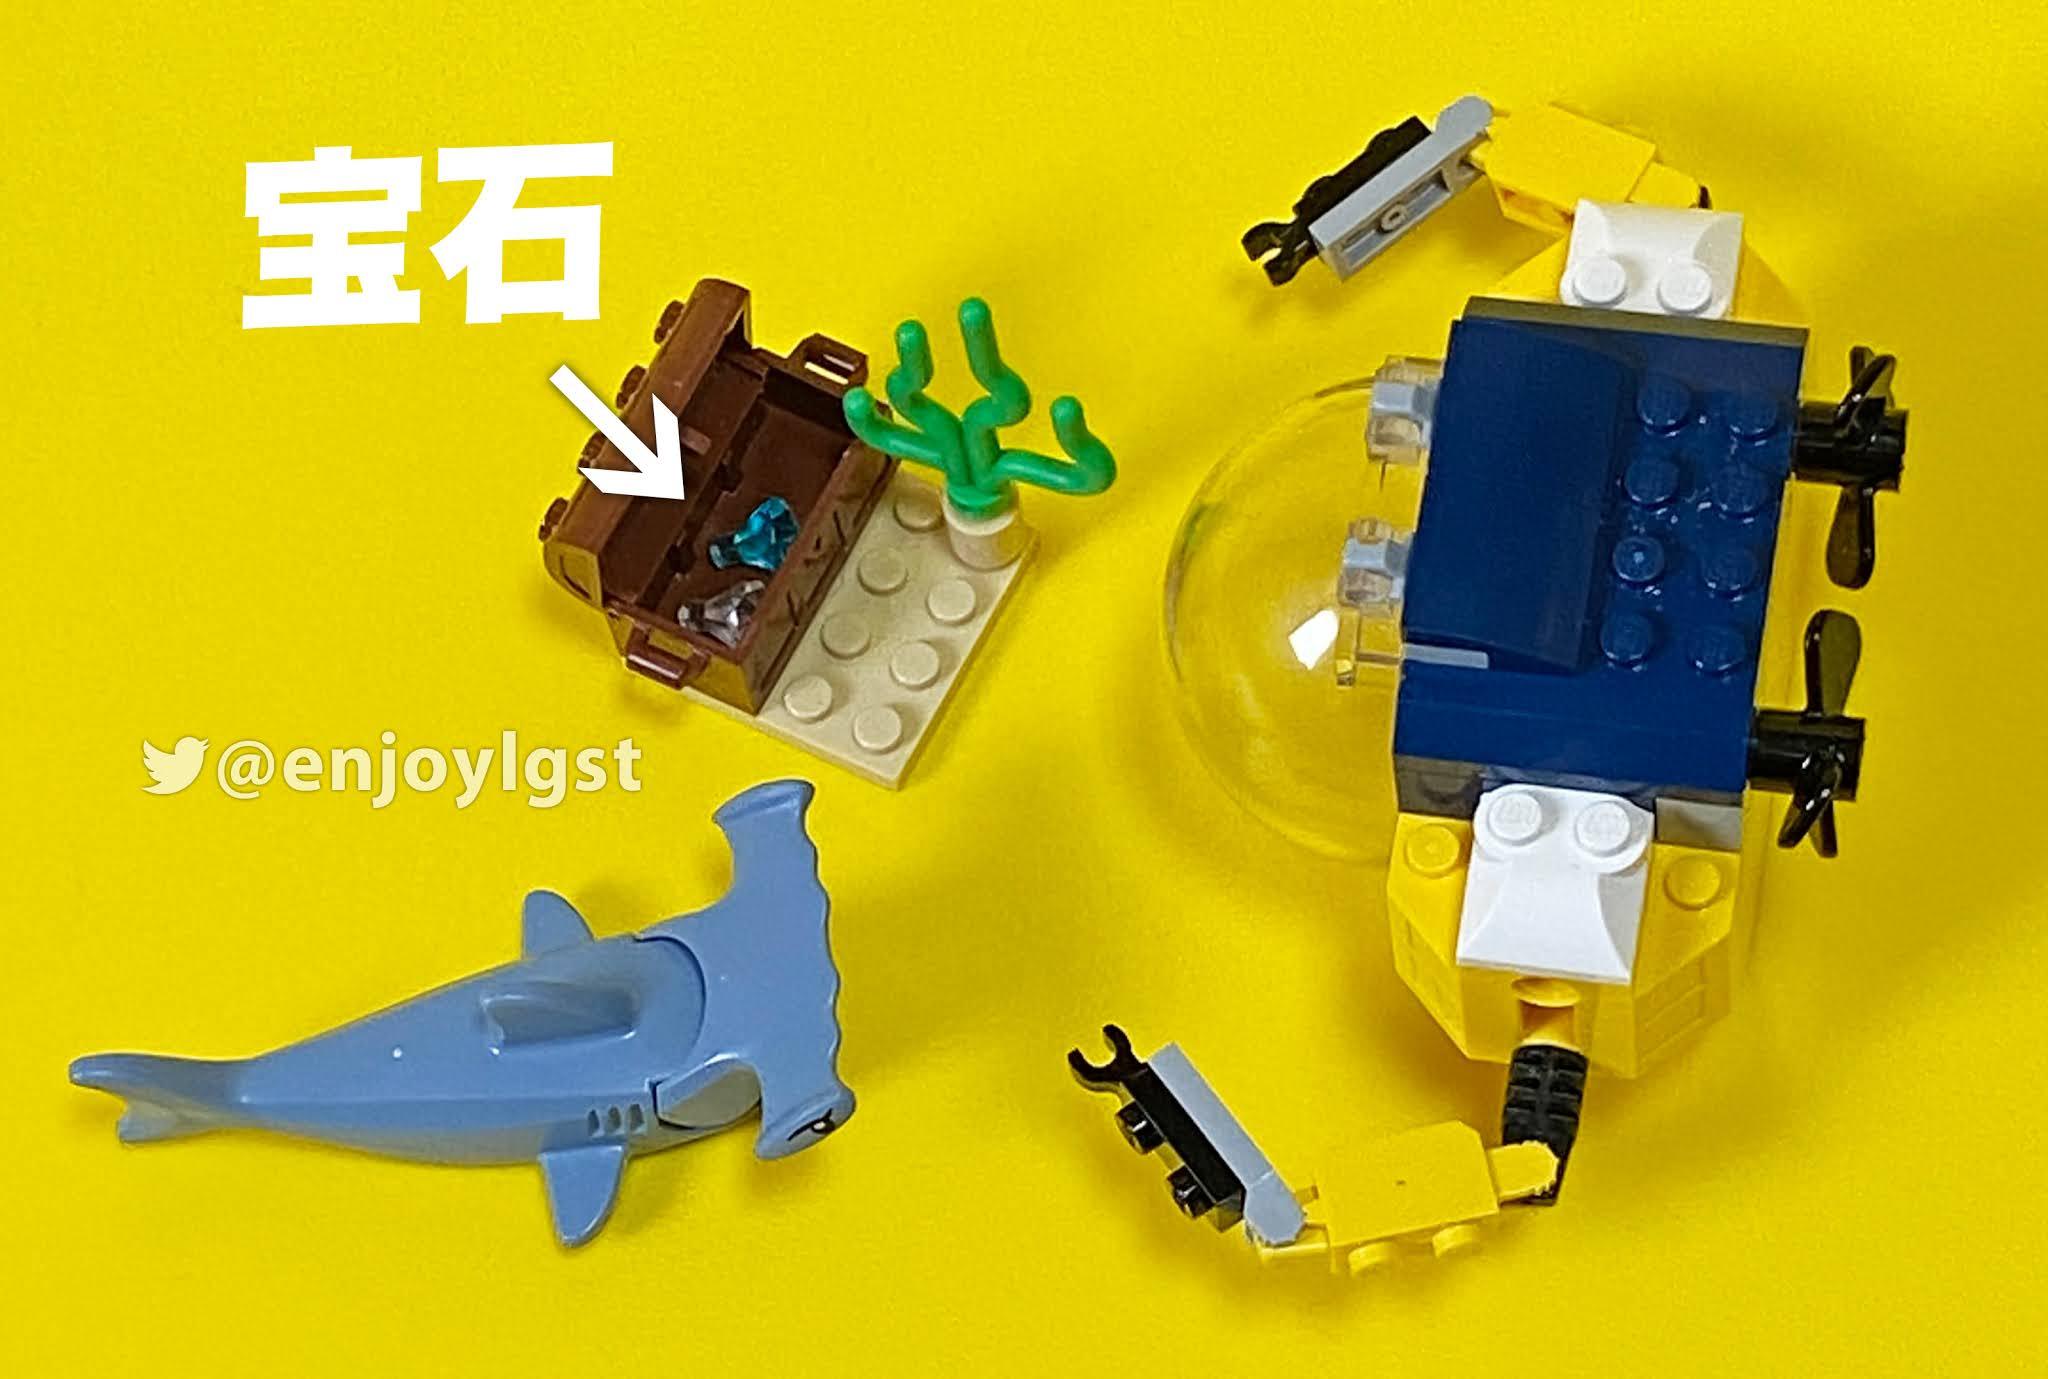 レゴ(LEGO)レビュー:60263 小型潜水艦:シュモクザメがかわいすぎるナショジオコラボセット